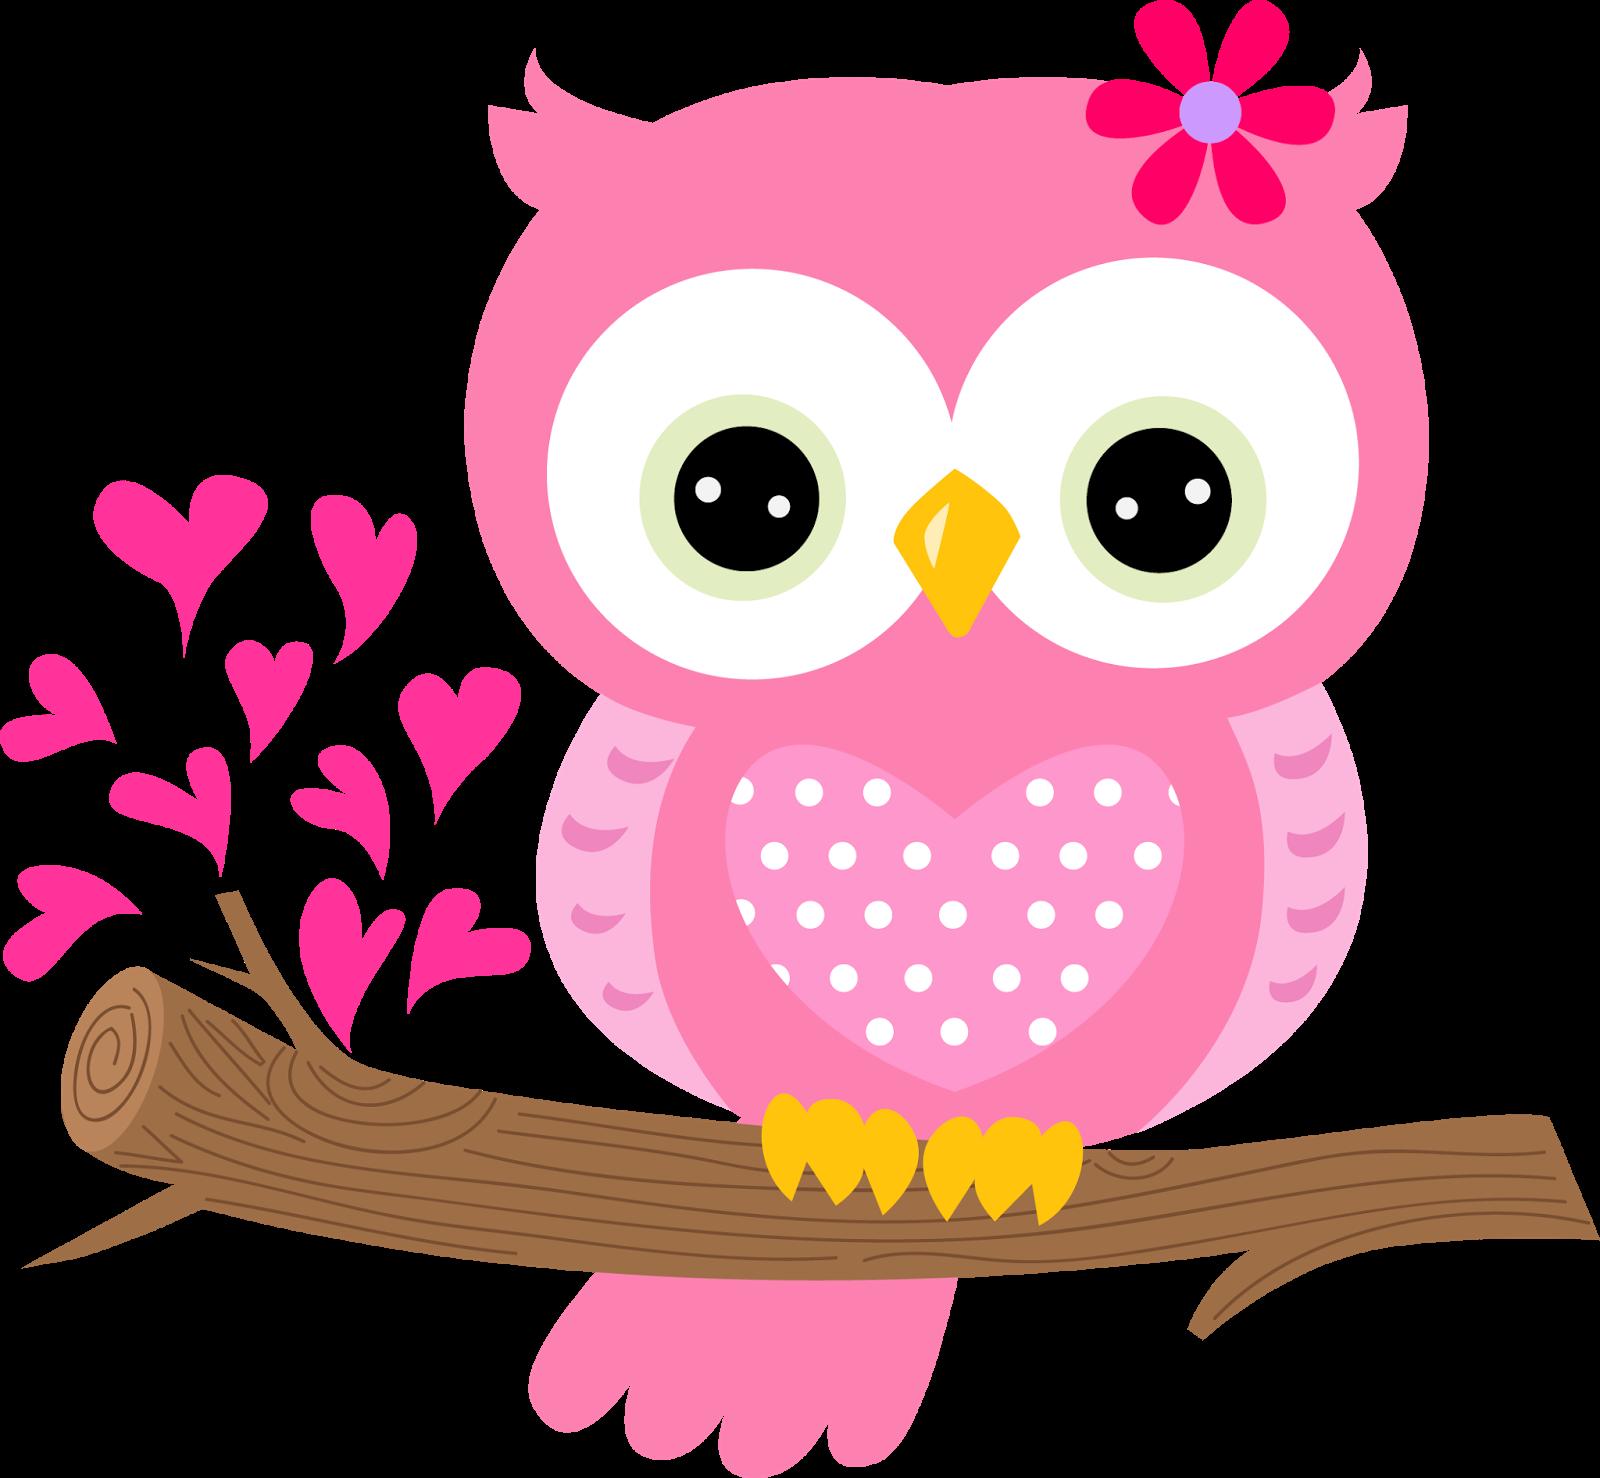 Caricaturas buhos resultados de. Floral clipart owl